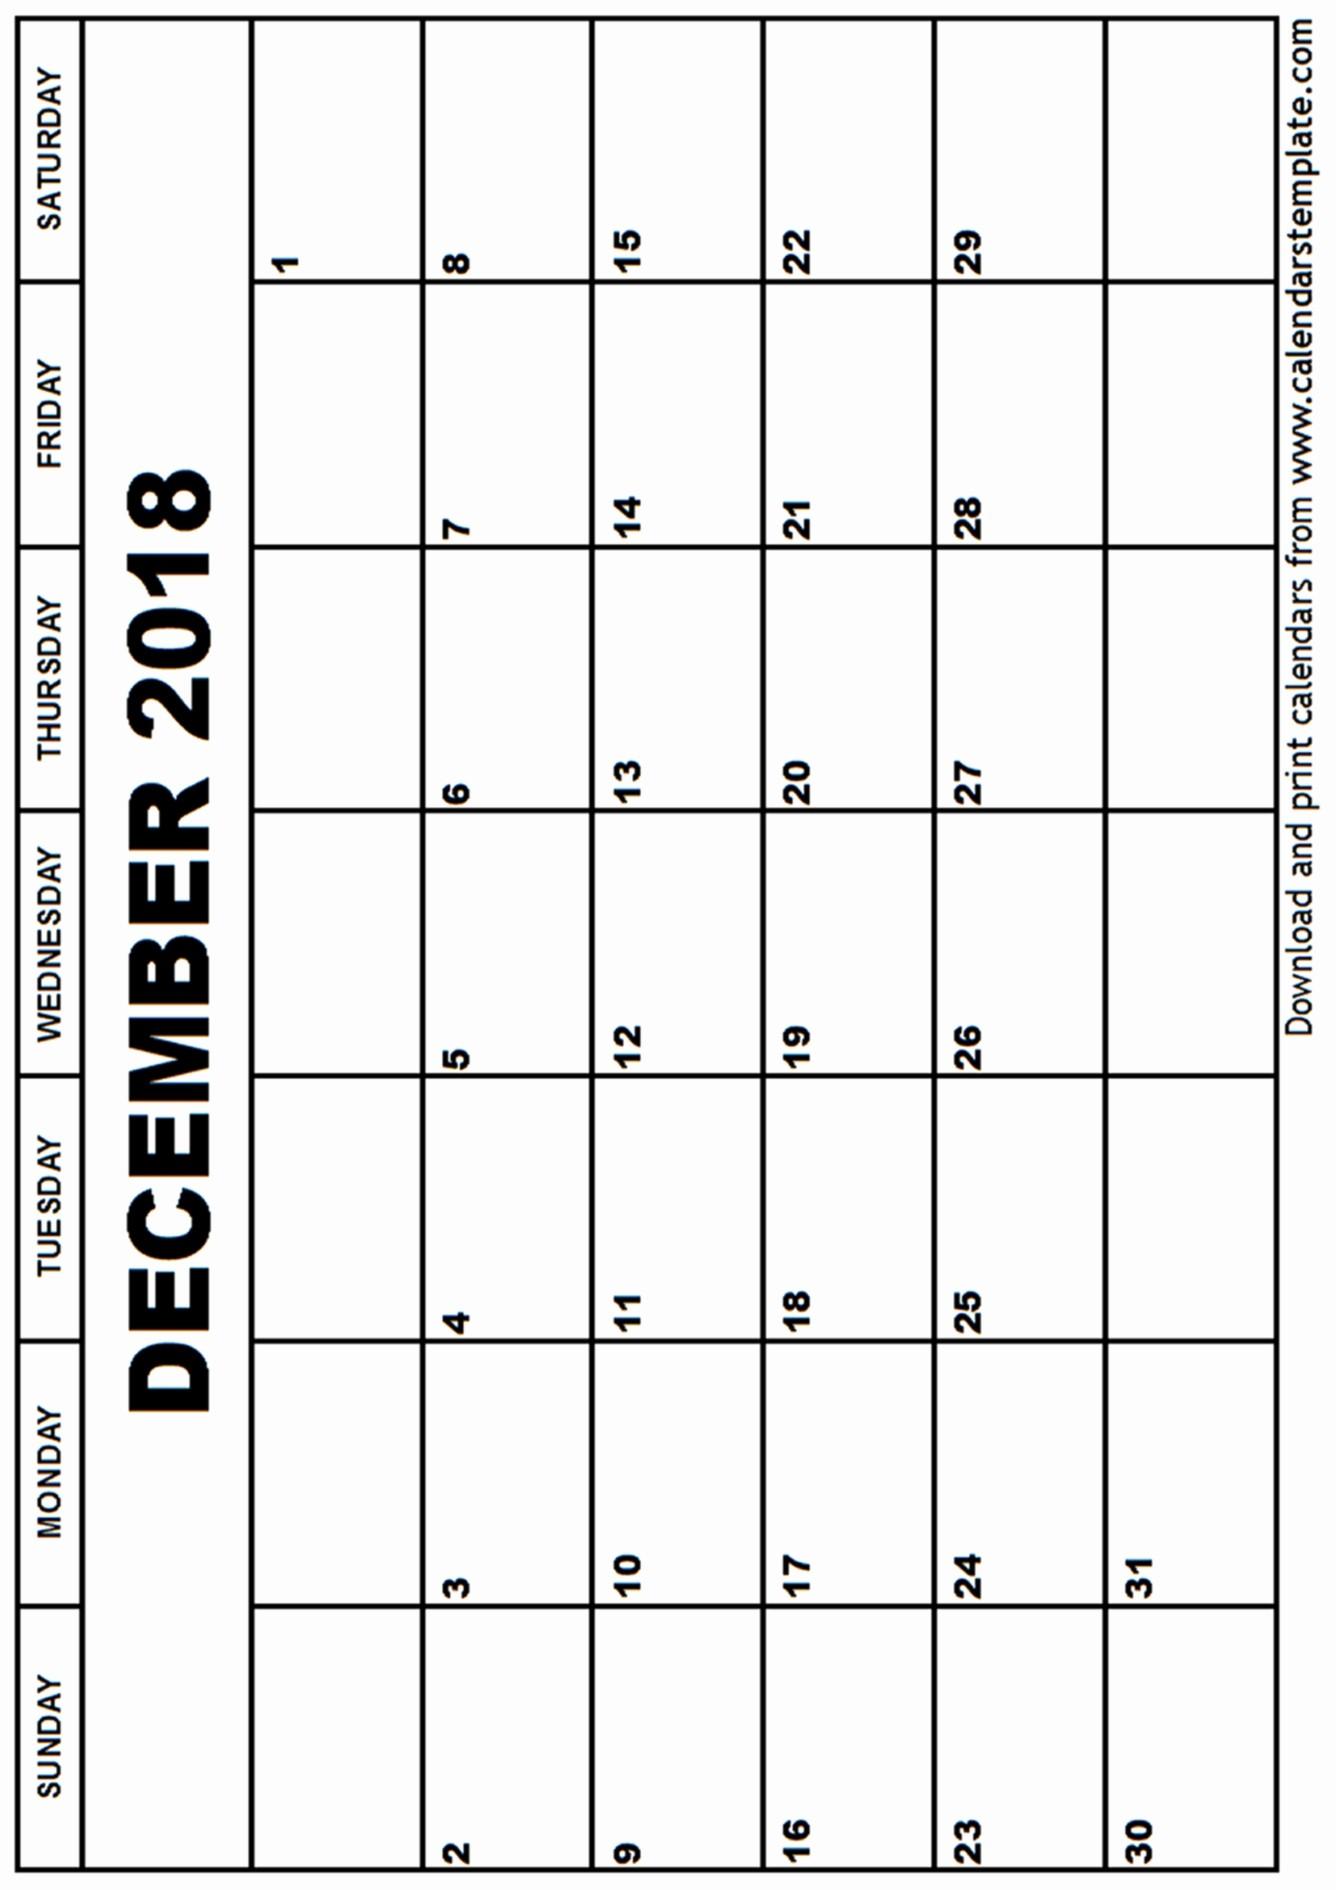 Blank Calendar Template December 2018 Inspirational December 2018 Calendar Template